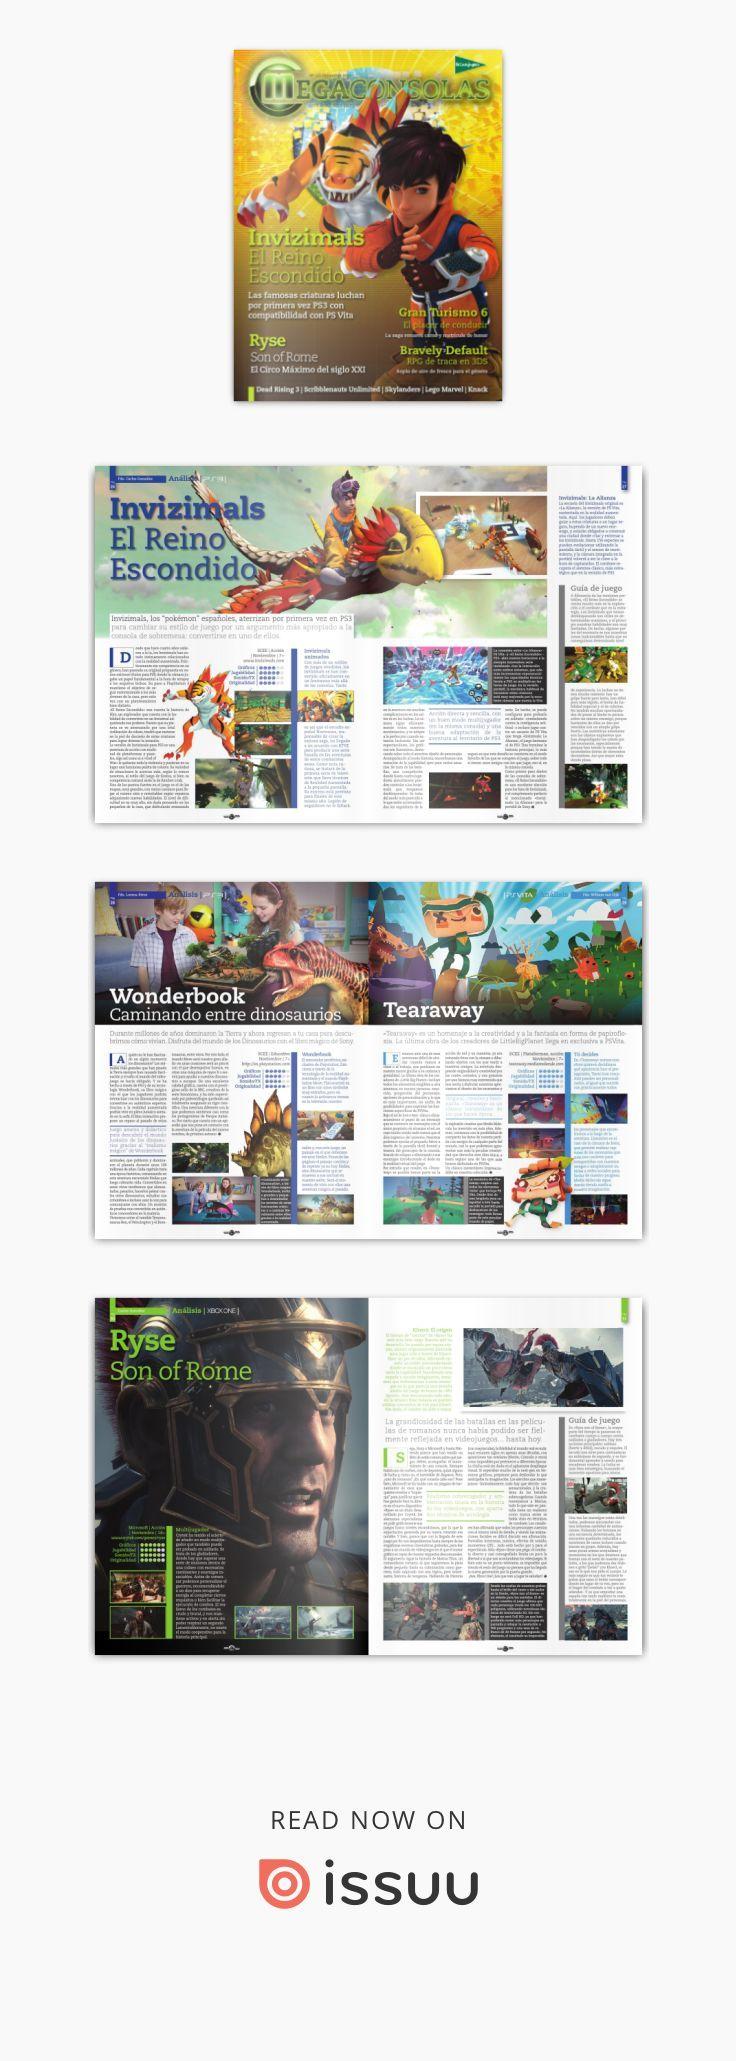 Megaconsolas nº 111  Revista especializada en videojuegos y consolas distribuida en El Corte Ingles